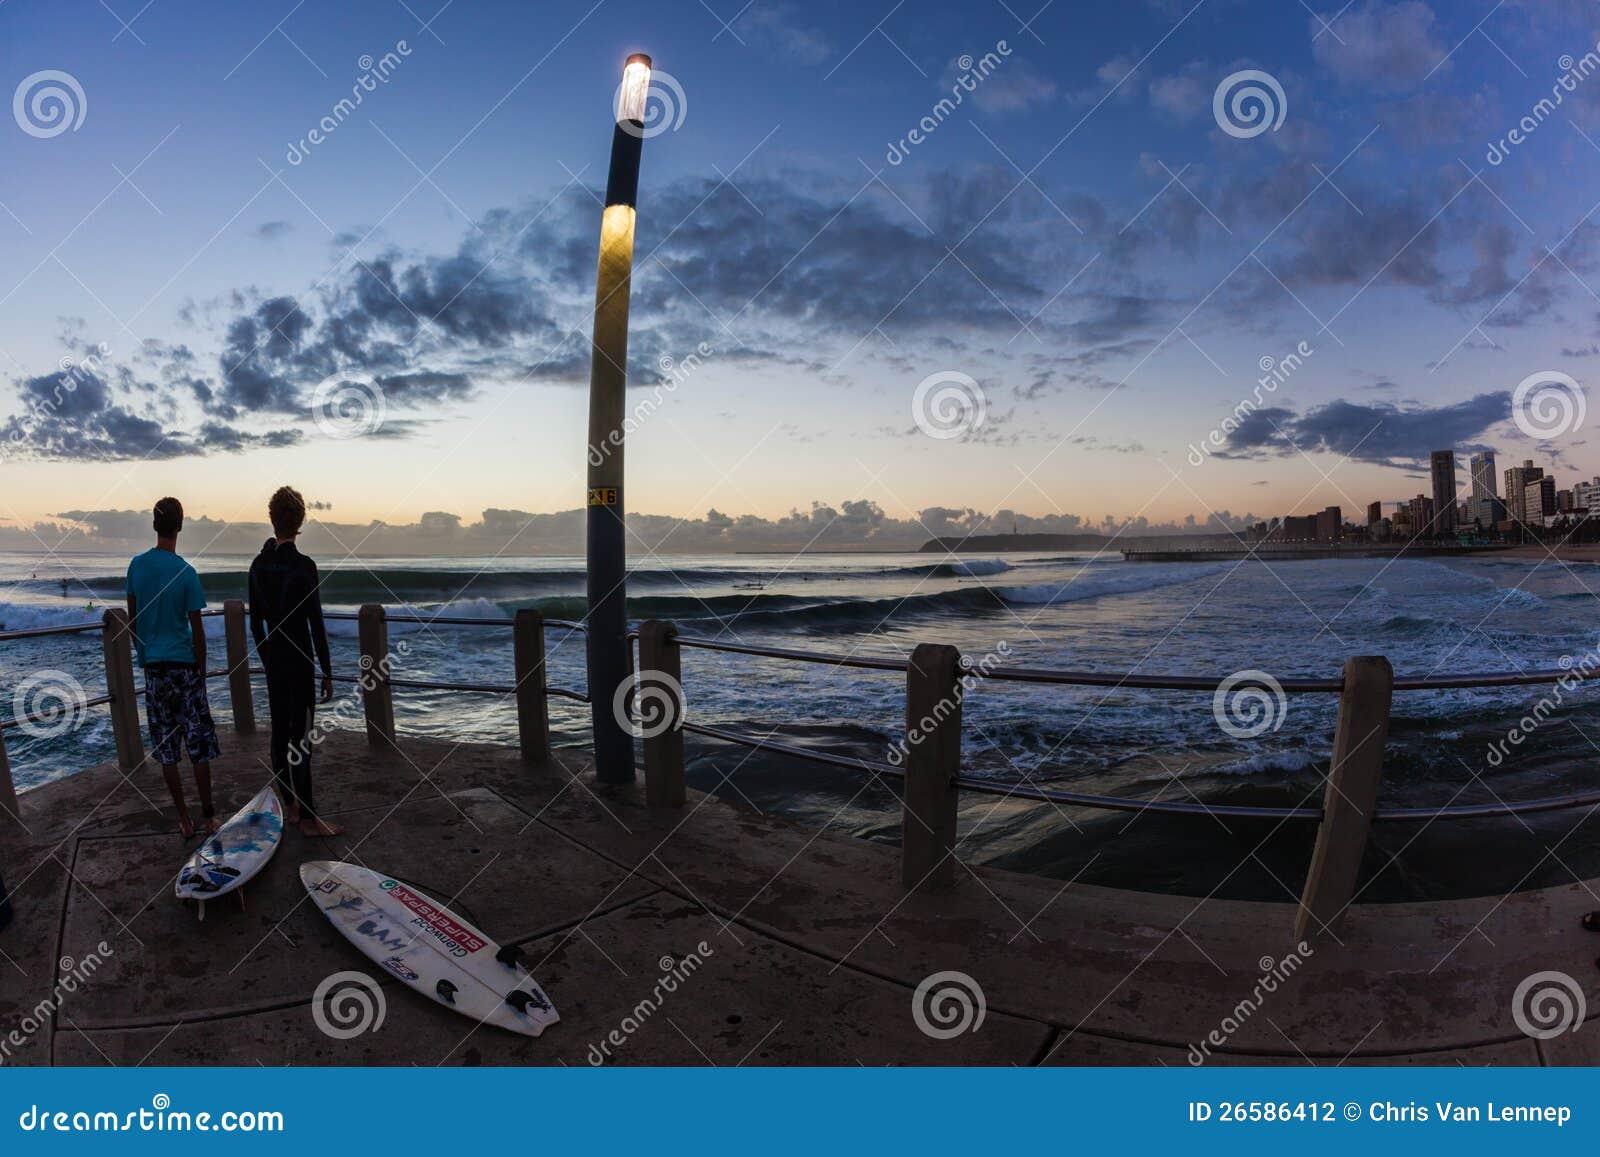 Заниматься серфингом пляжа Дурбан волн океана восхода солнца рассвета